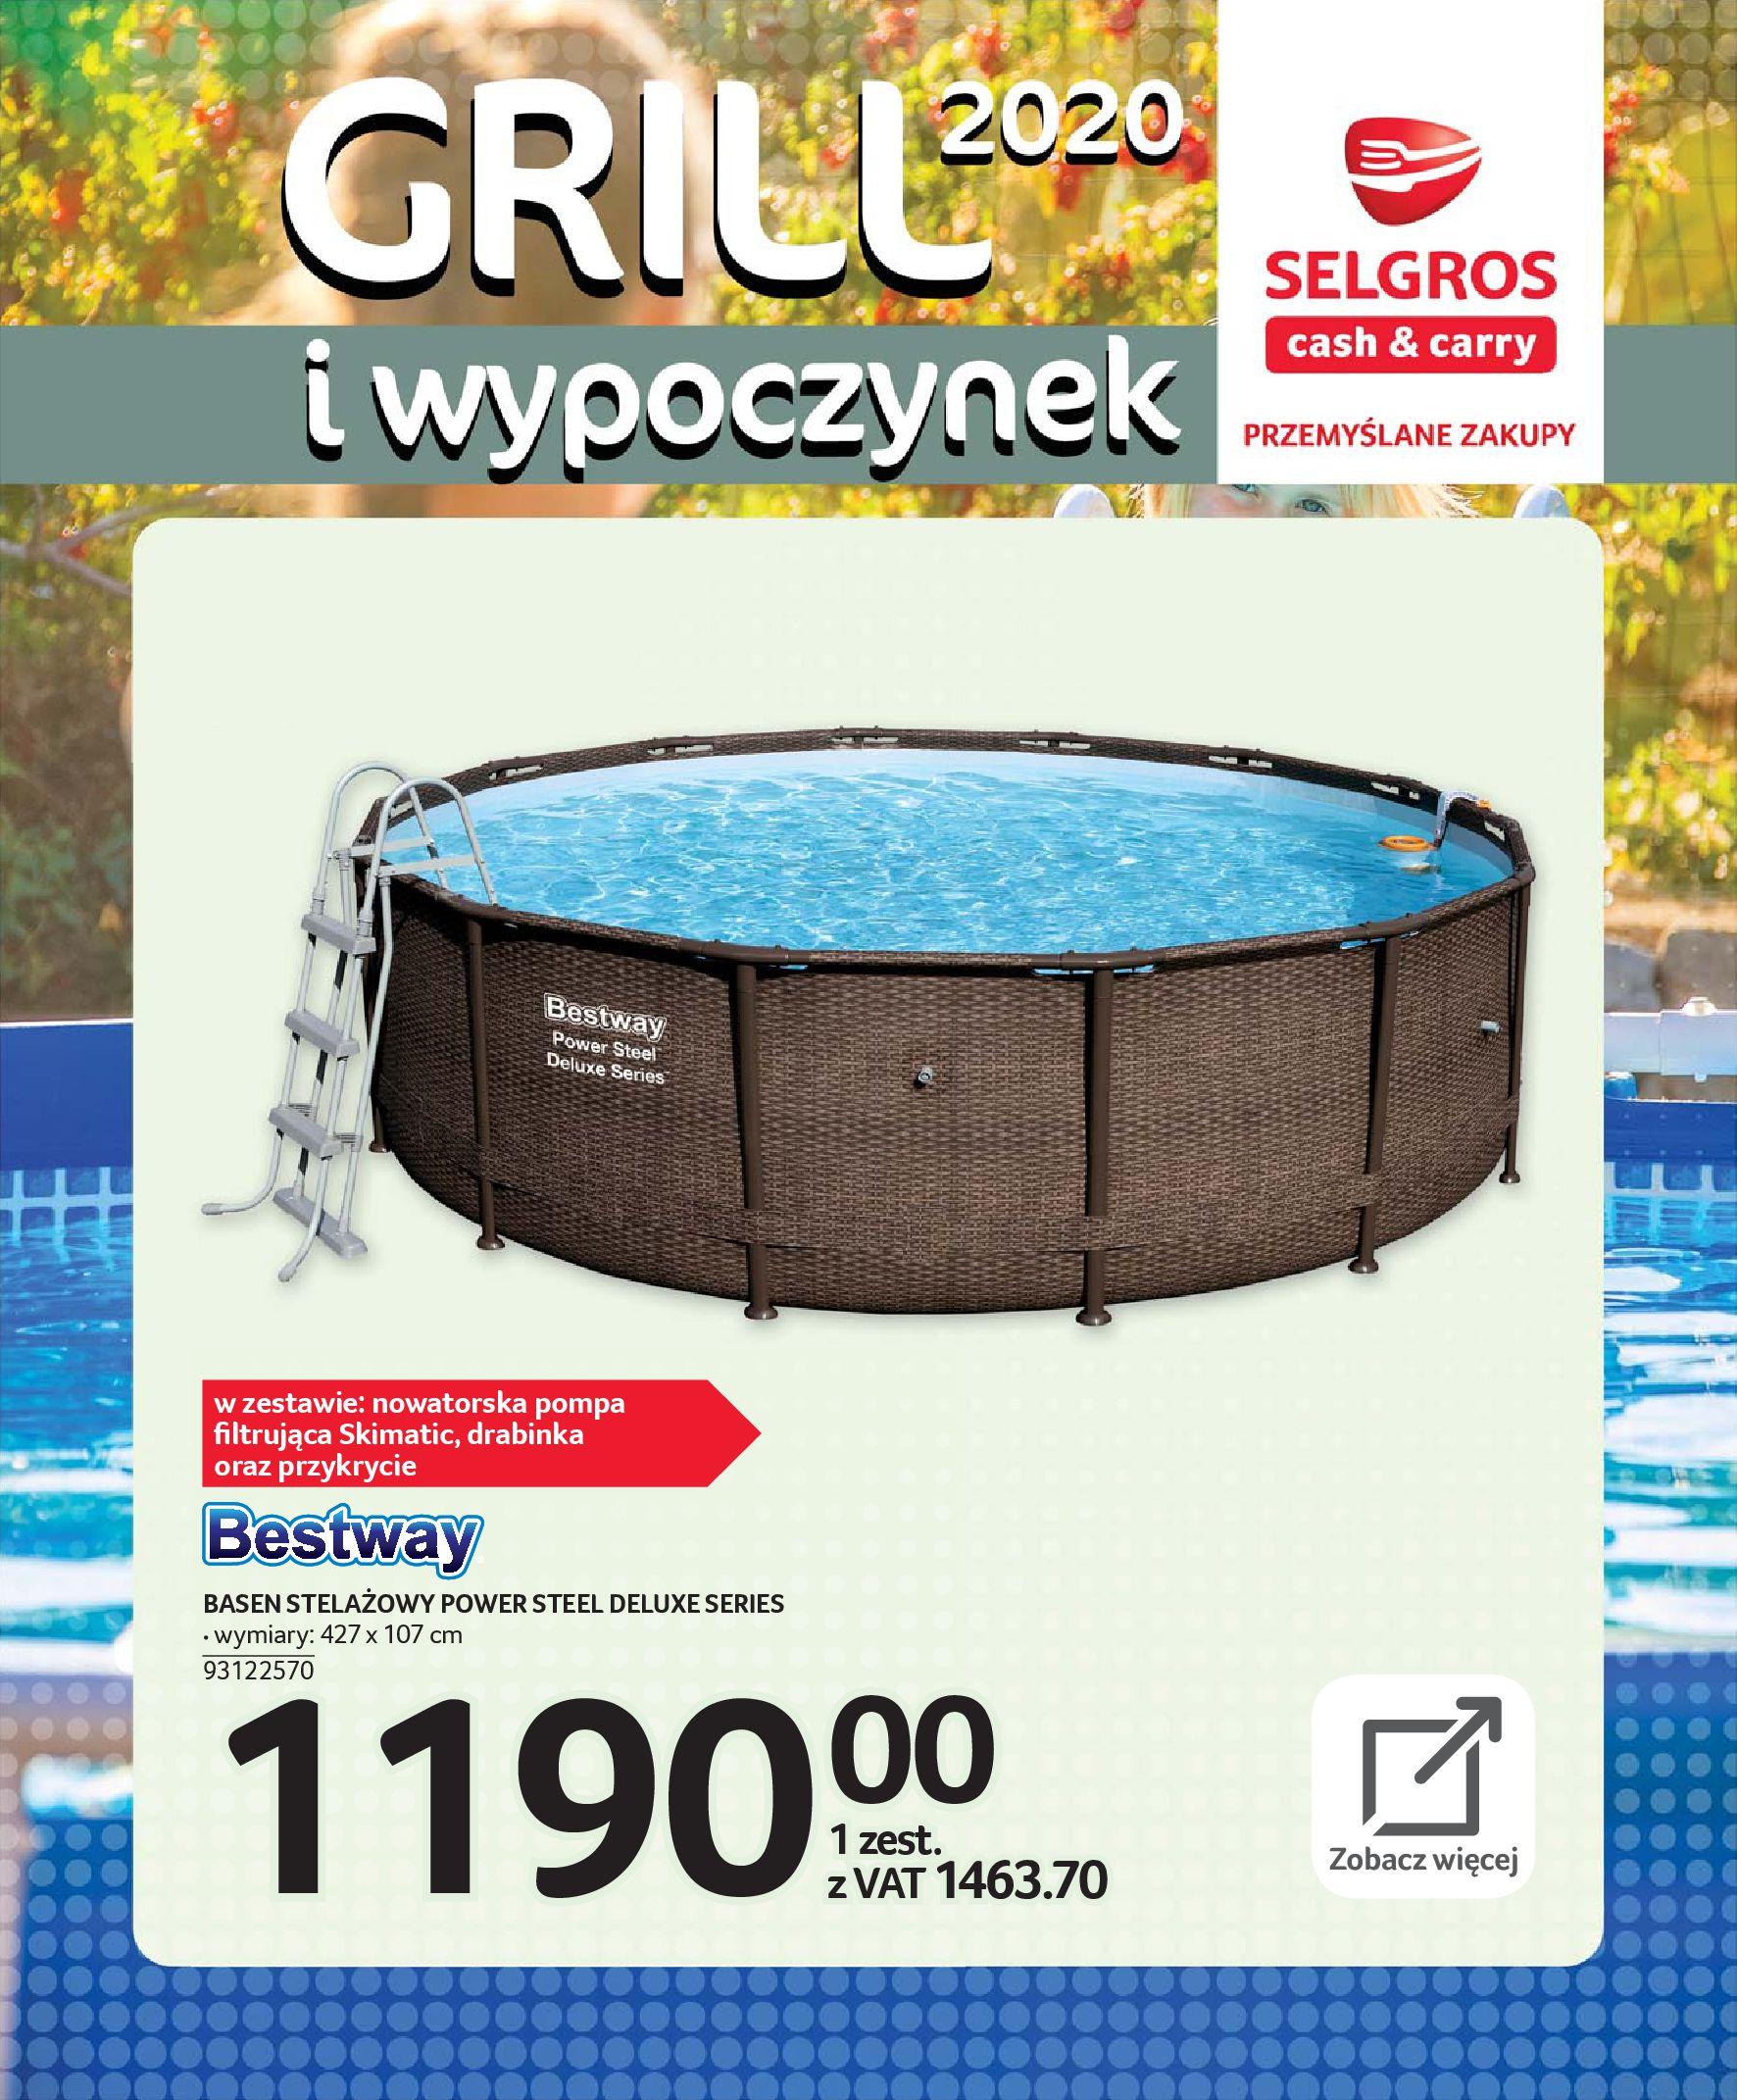 Gazetka Selgros - Katalog - Grill i wypoczynek-31.03.2020-31.08.2020-page-89